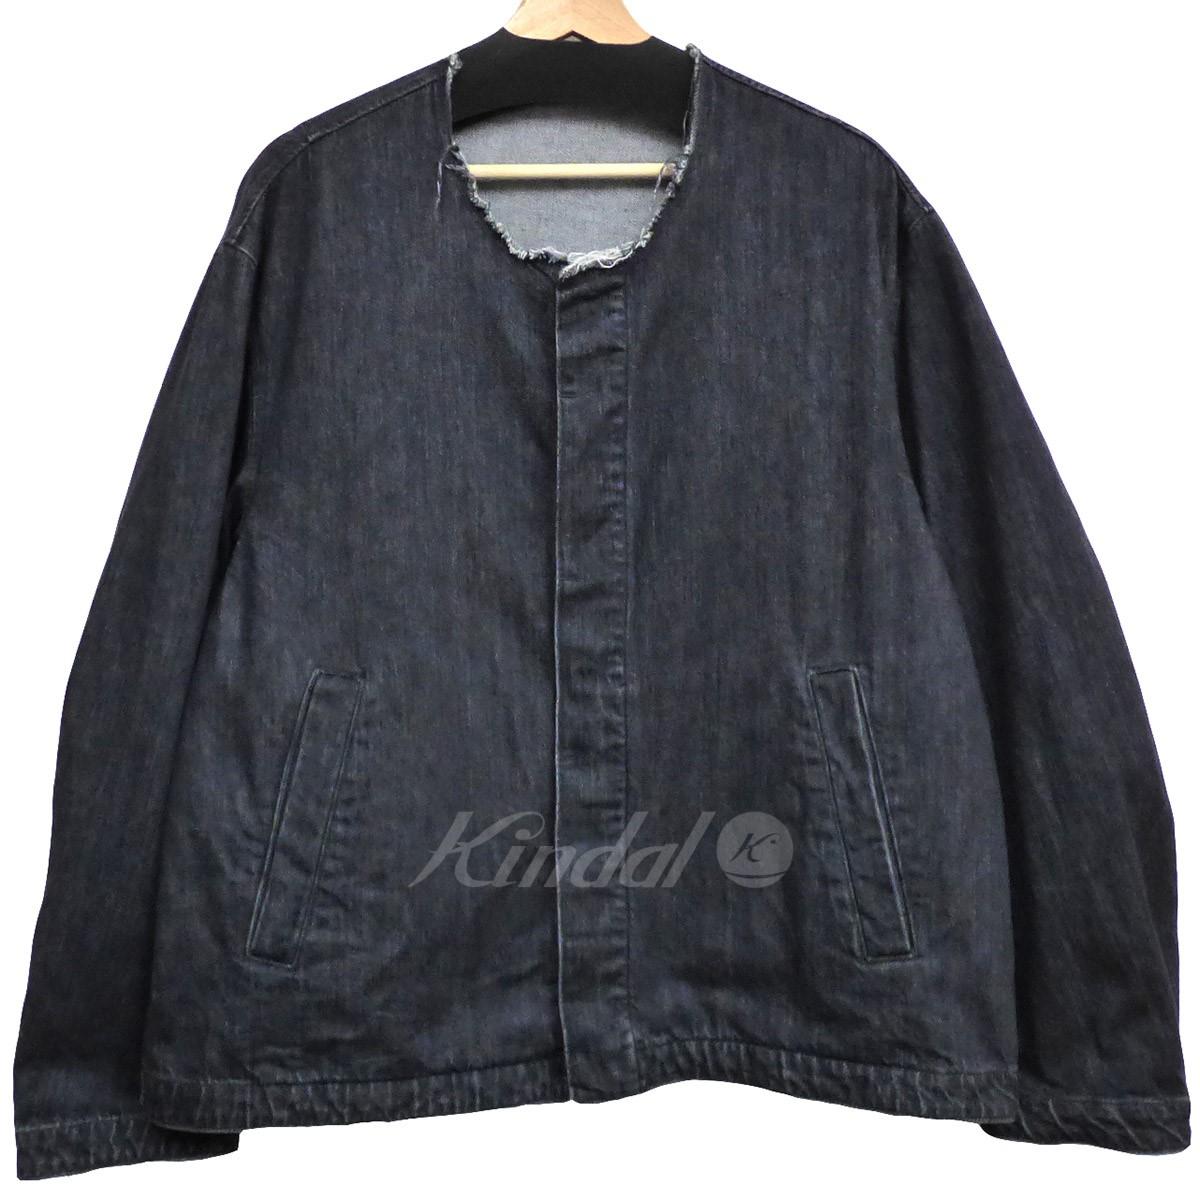 【中古】NAME. 17AWCutoff Collar Denim Jacketカットオフオーバーサイズデニムジャケット ブラック サイズ:1 【送料無料】 【290319】(ネーム)